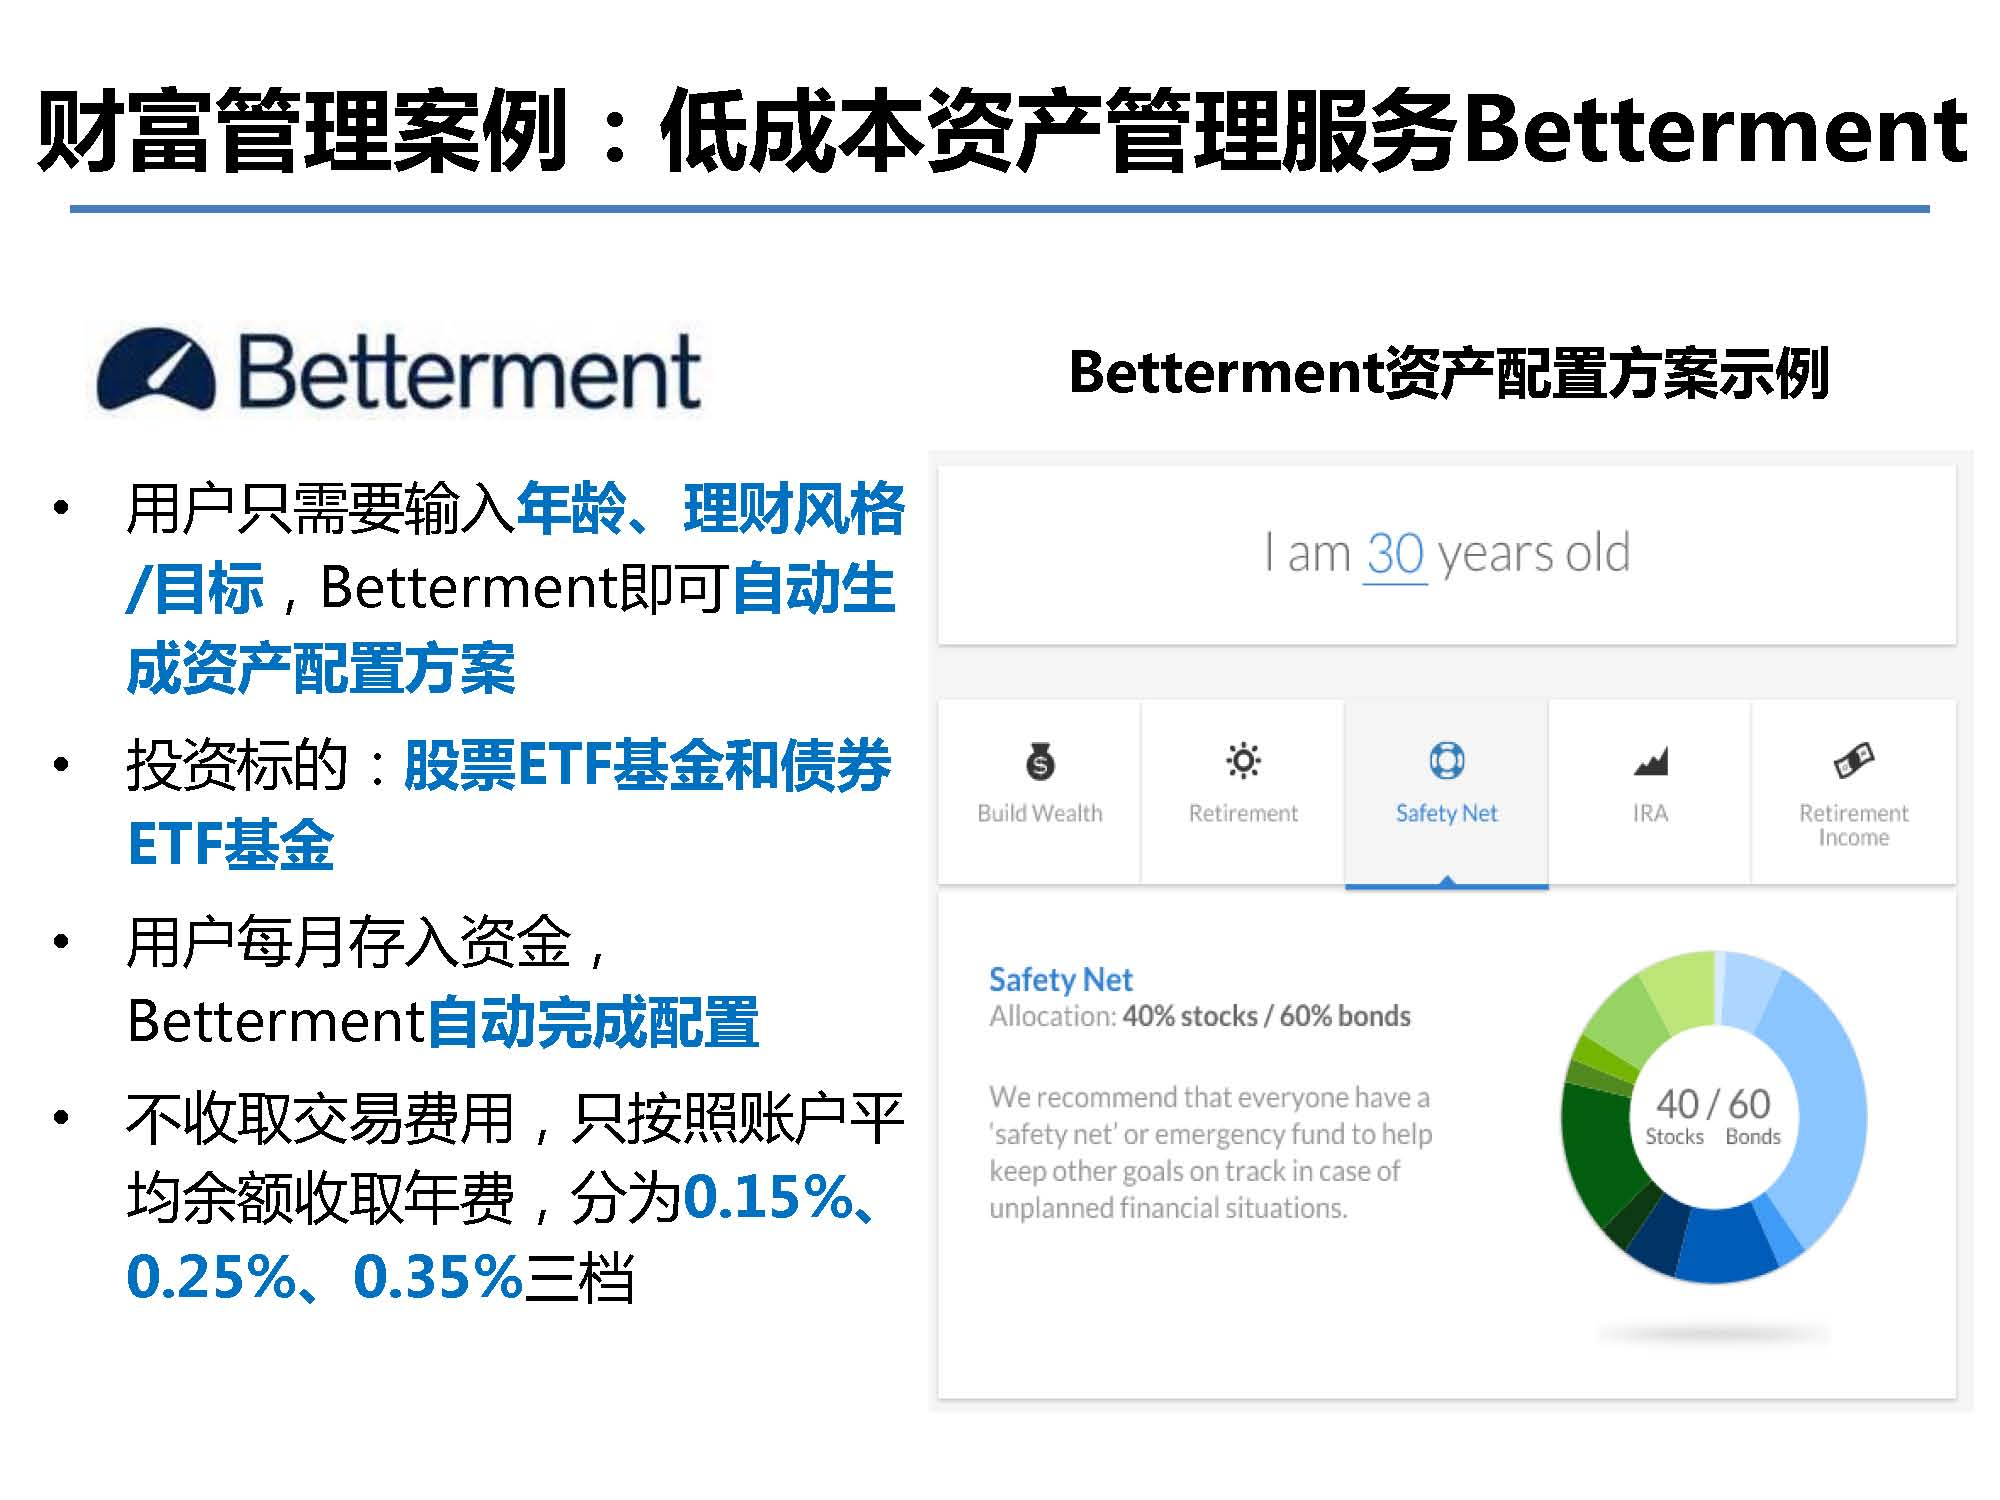 互联网金融行业全景及展望_蚂蚁金服评论_Page_37.jpg